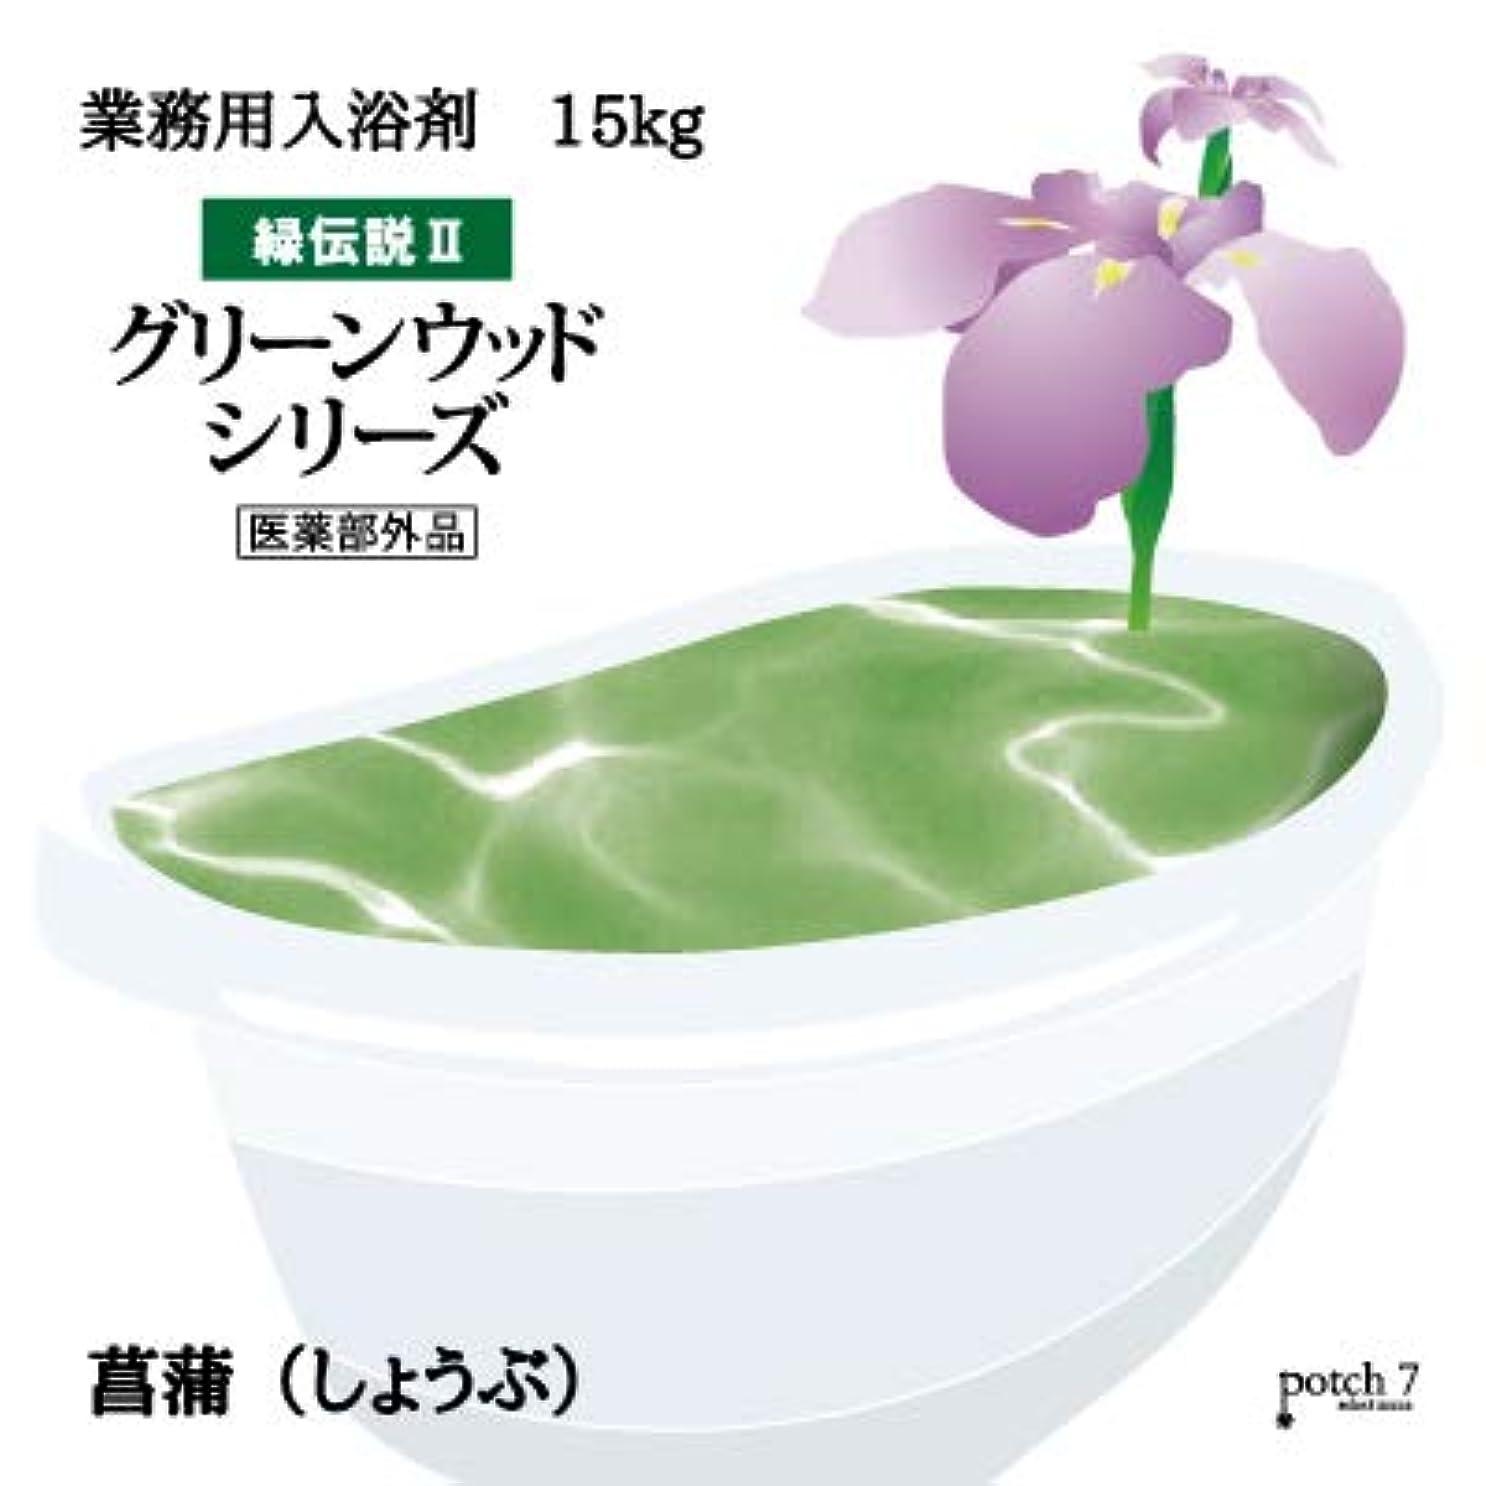 柔和アンビエントふくろう業務用入浴剤「菖蒲」15Kg(7.5Kgx2袋入)GYM-SY